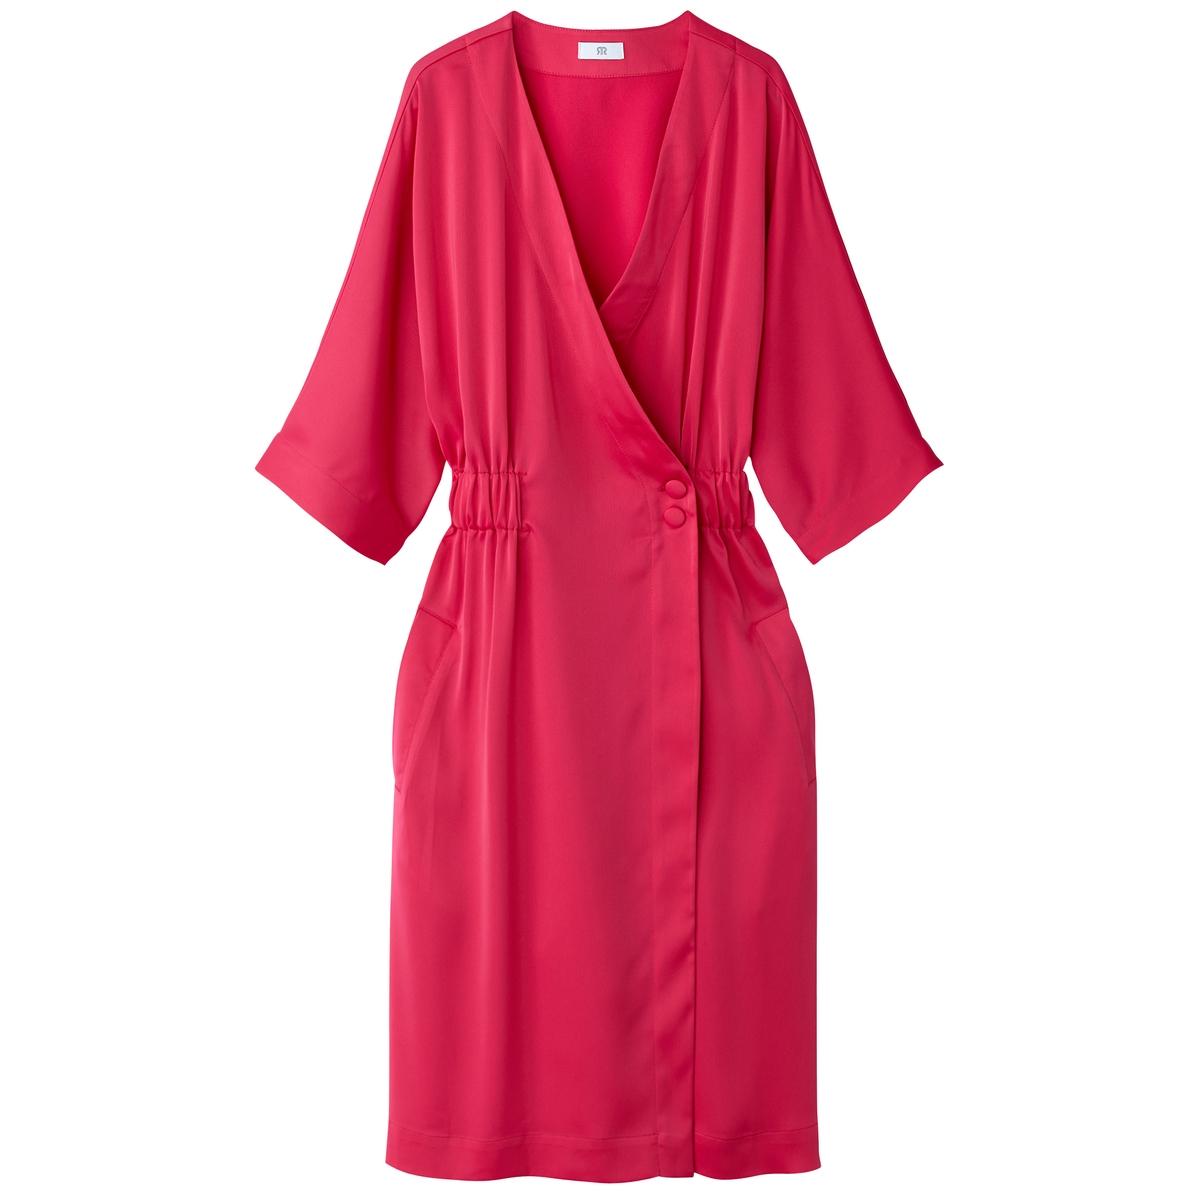 Фото - Платье LaRedoute С запахом с эластичным поясом 34 (FR) - 40 (RUS) розовый платье laredoute с запахом с рисунком 34 fr 40 rus синий